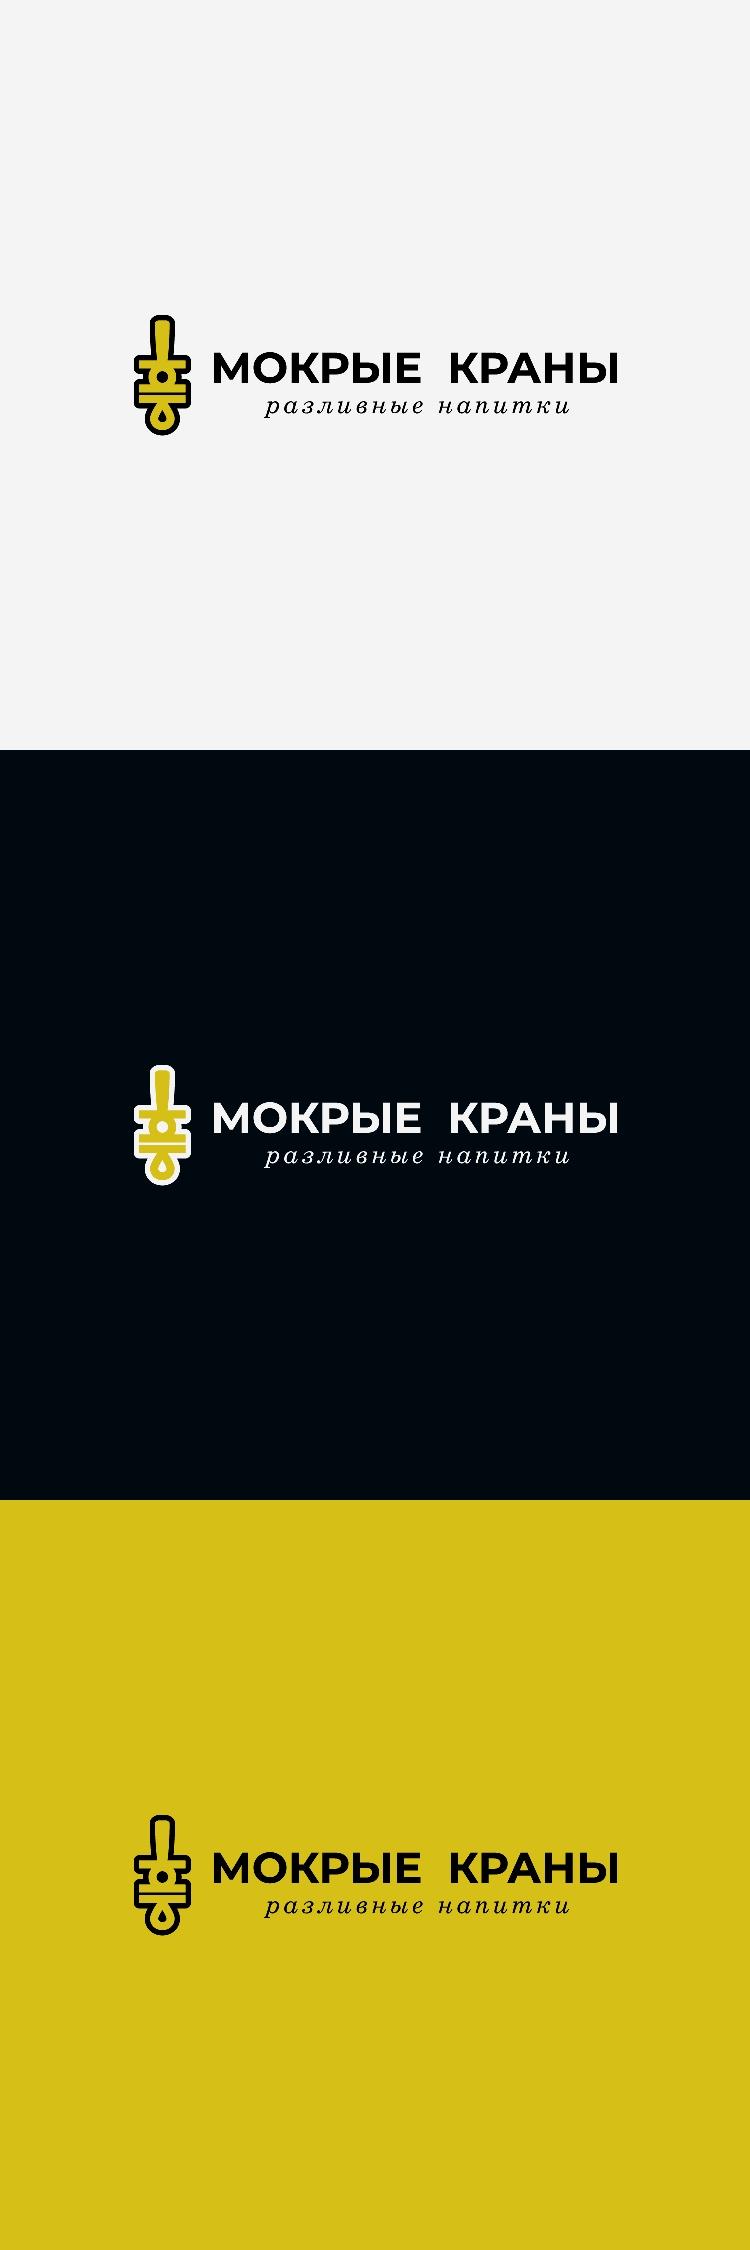 Вывеска/логотип для пивного магазина фото f_869602d55e5888a3.jpg